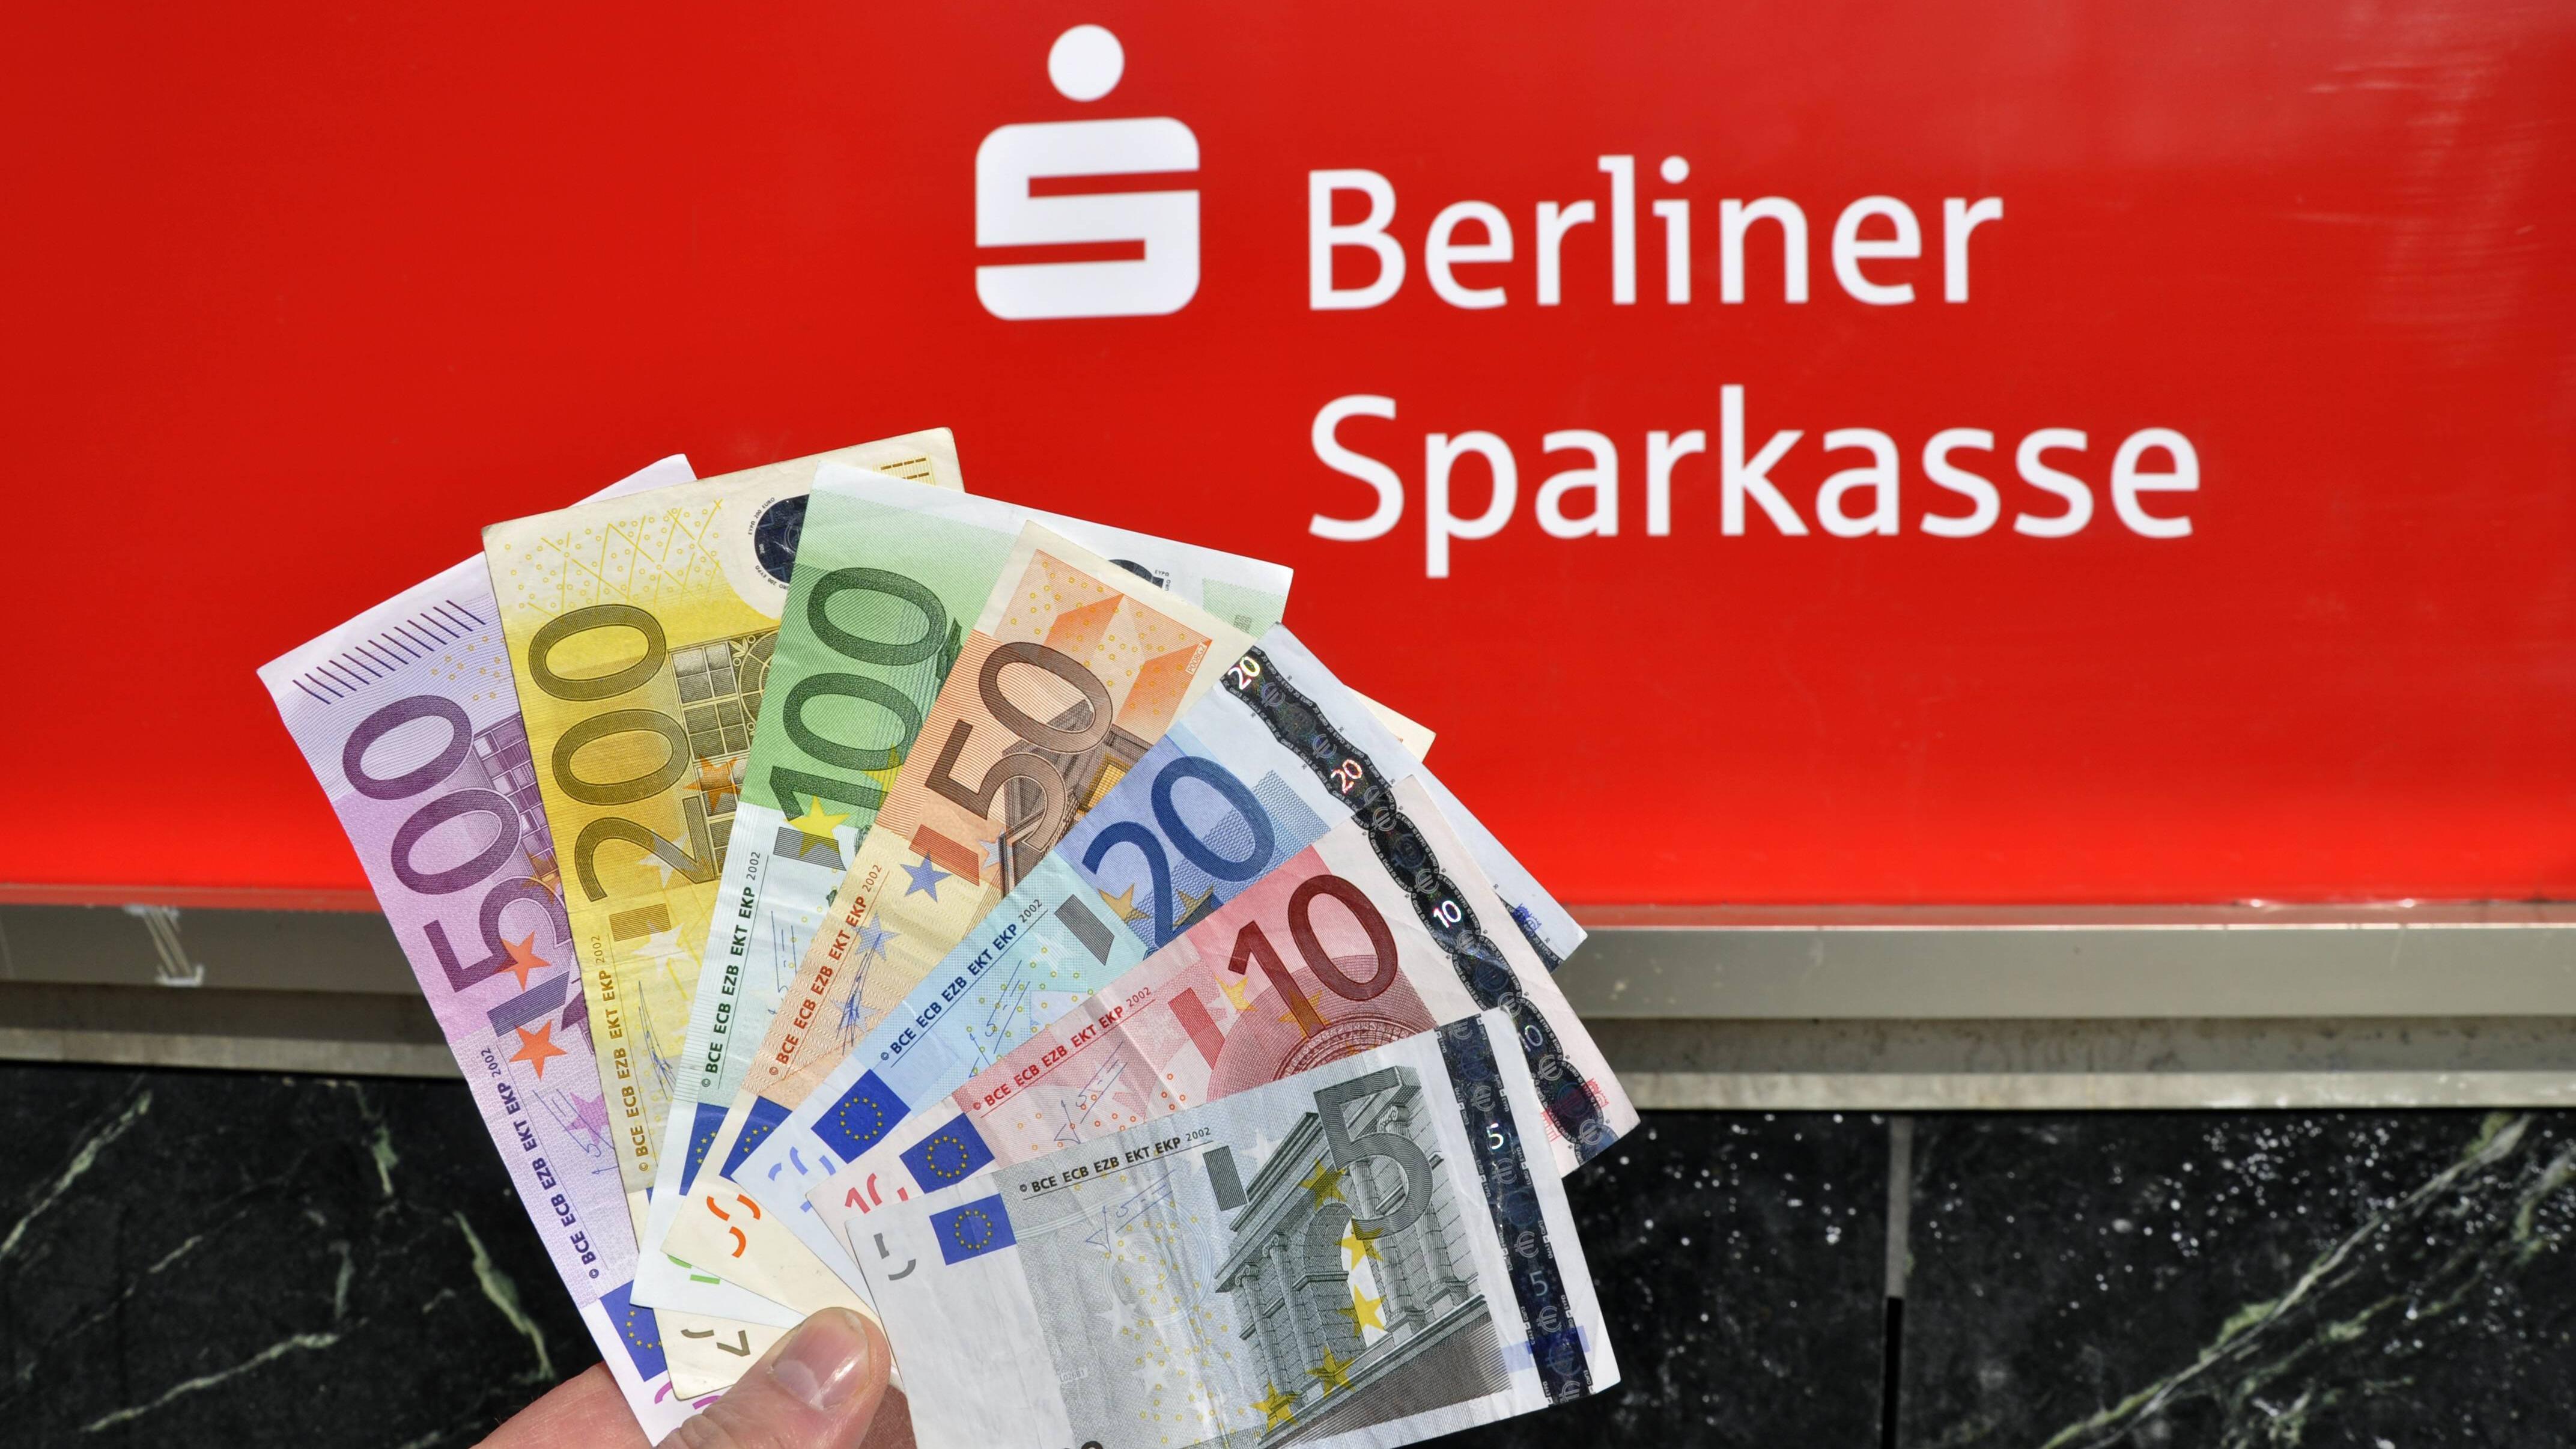 Berliner Sparkasse – so kündigen Sie das Konto